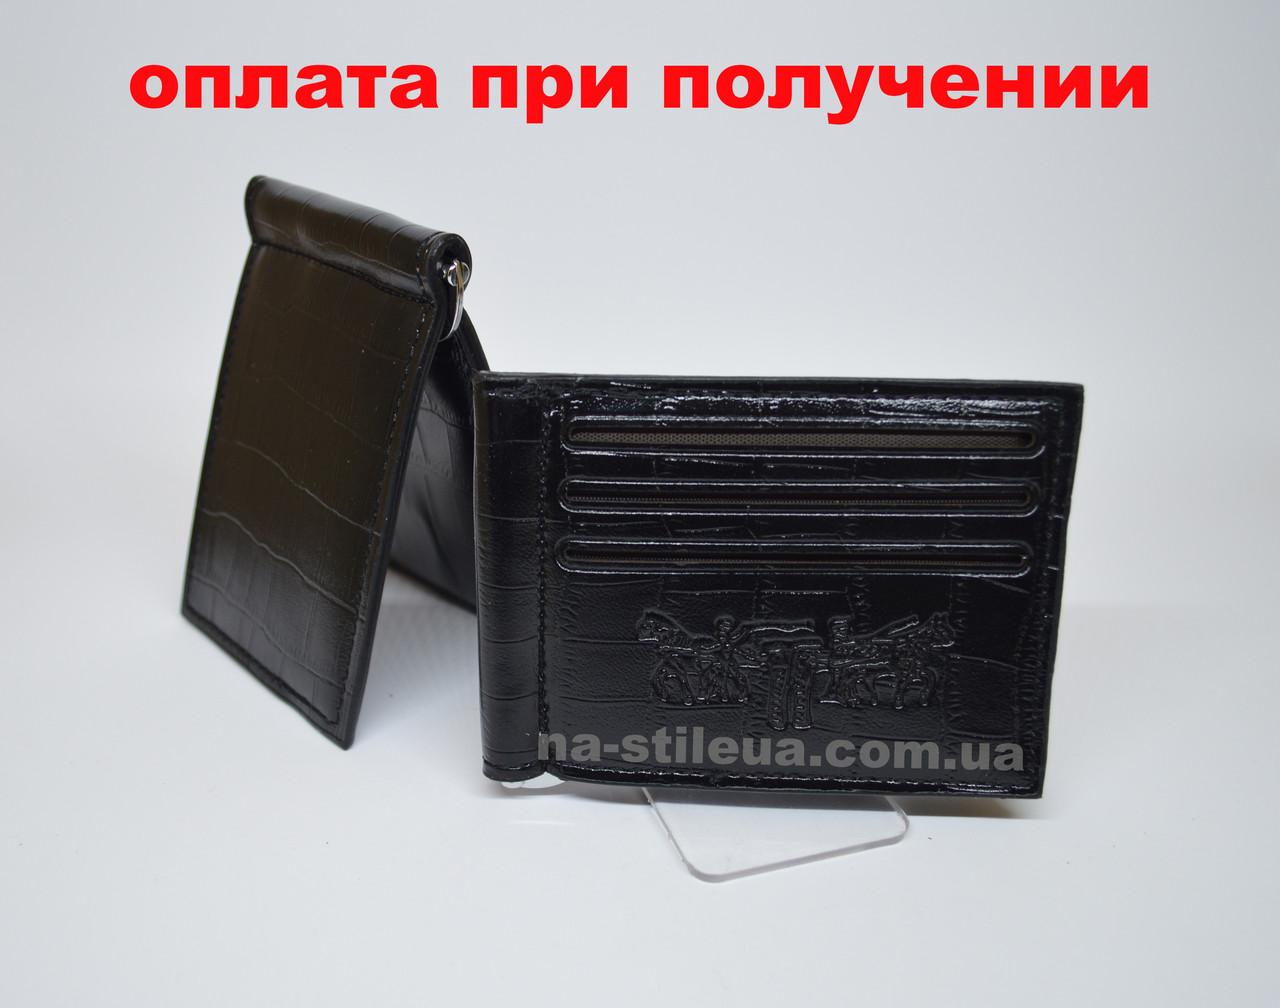 bf0257a8f639 Купить сейчас - Мужской кожаный кошелек портмоне визитница зажим для денег  ...